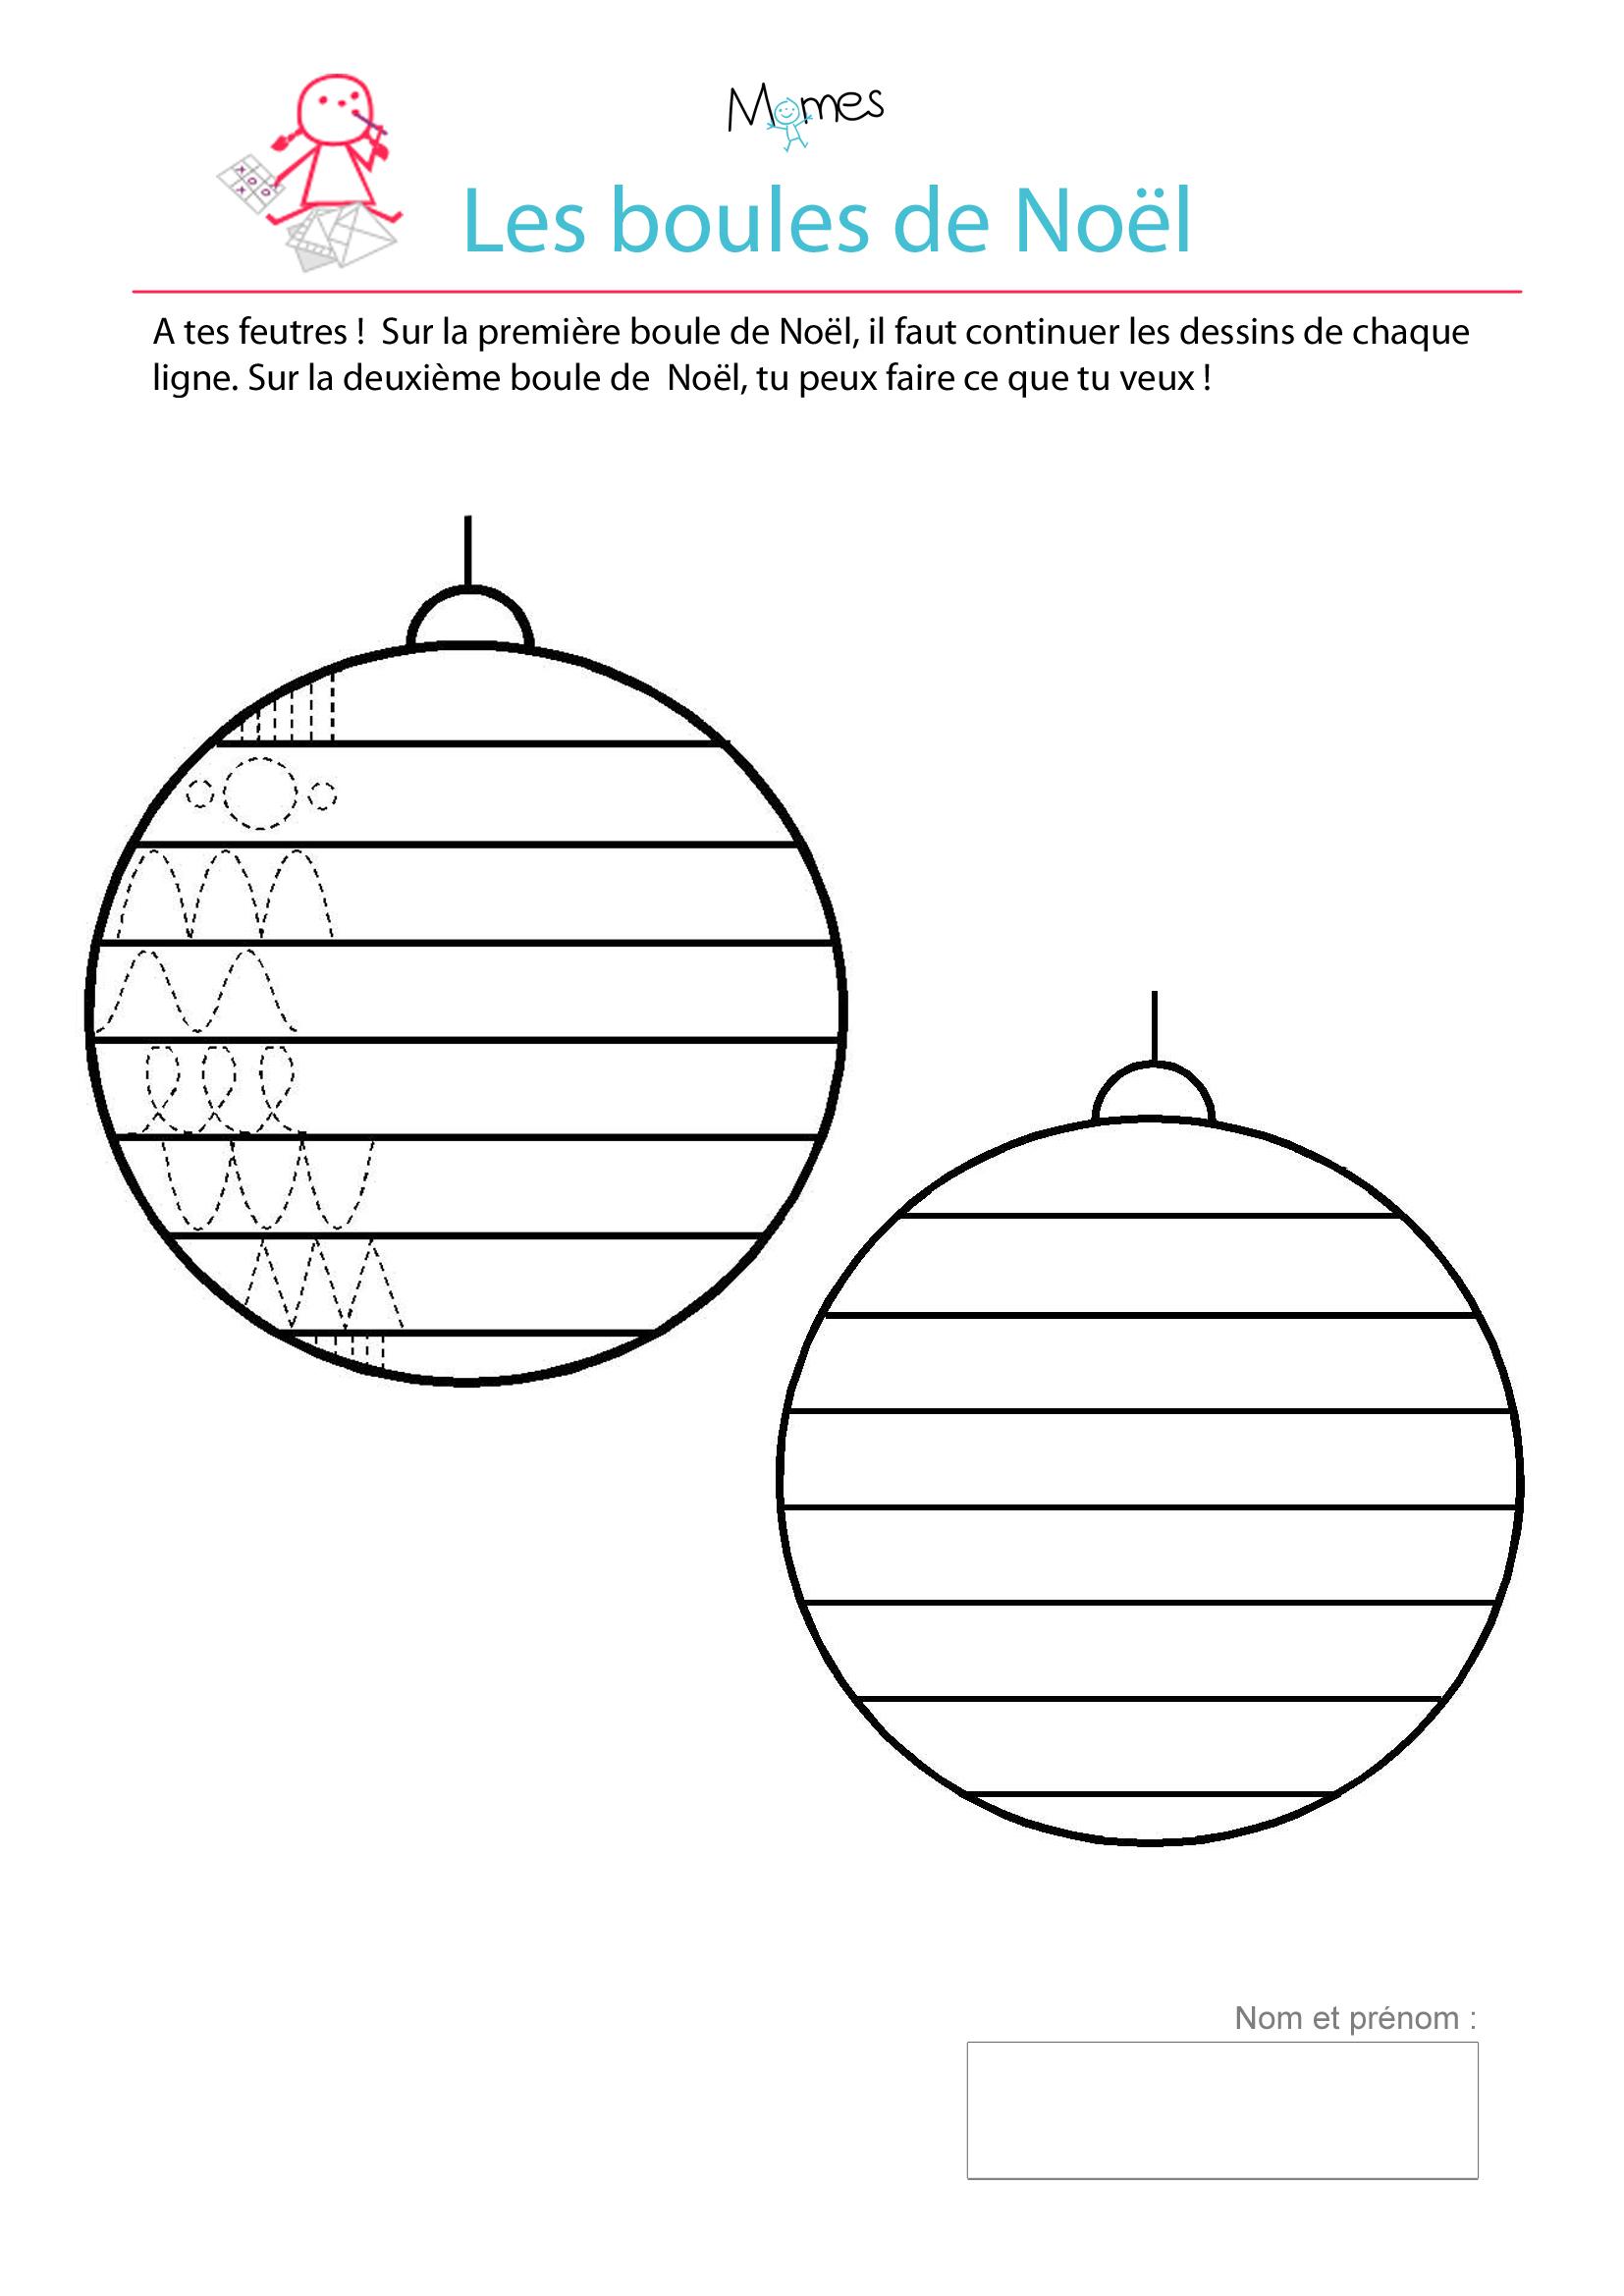 Décore Les Boules De Noël - Exercice De Tracé - Momes à Activité Maternelle Grande Section A Imprimer